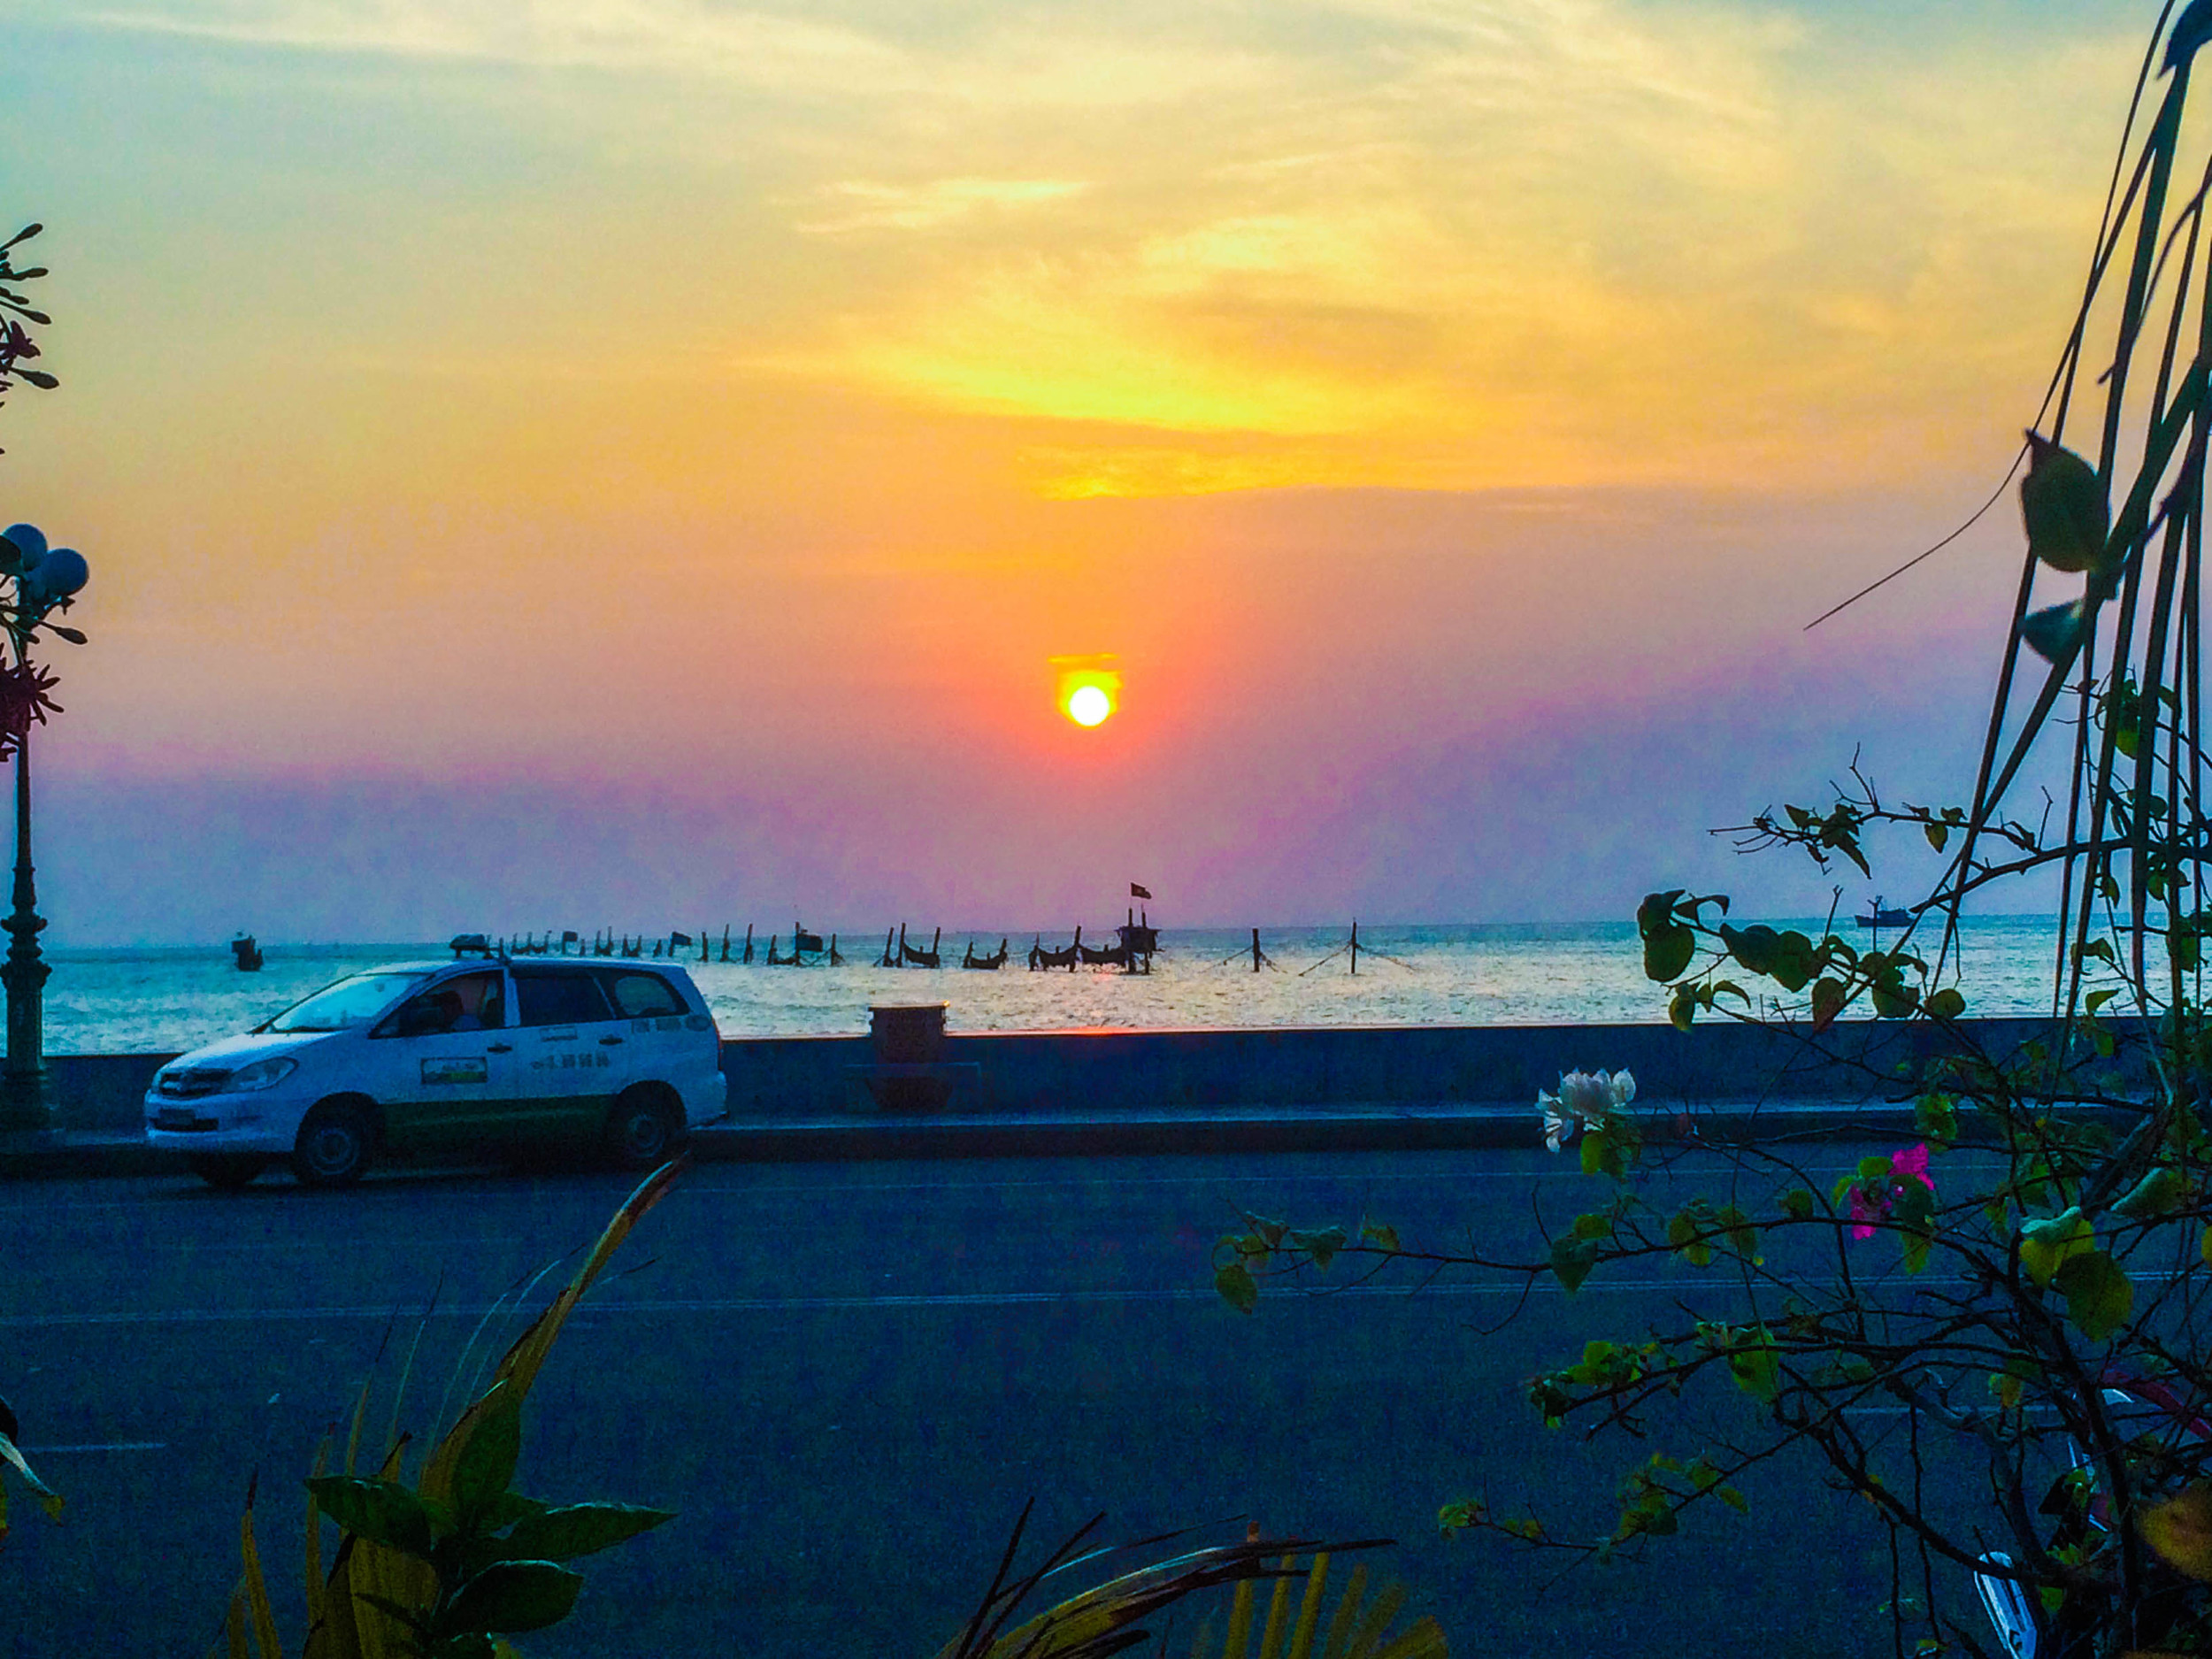 Sunset in Vung Tau